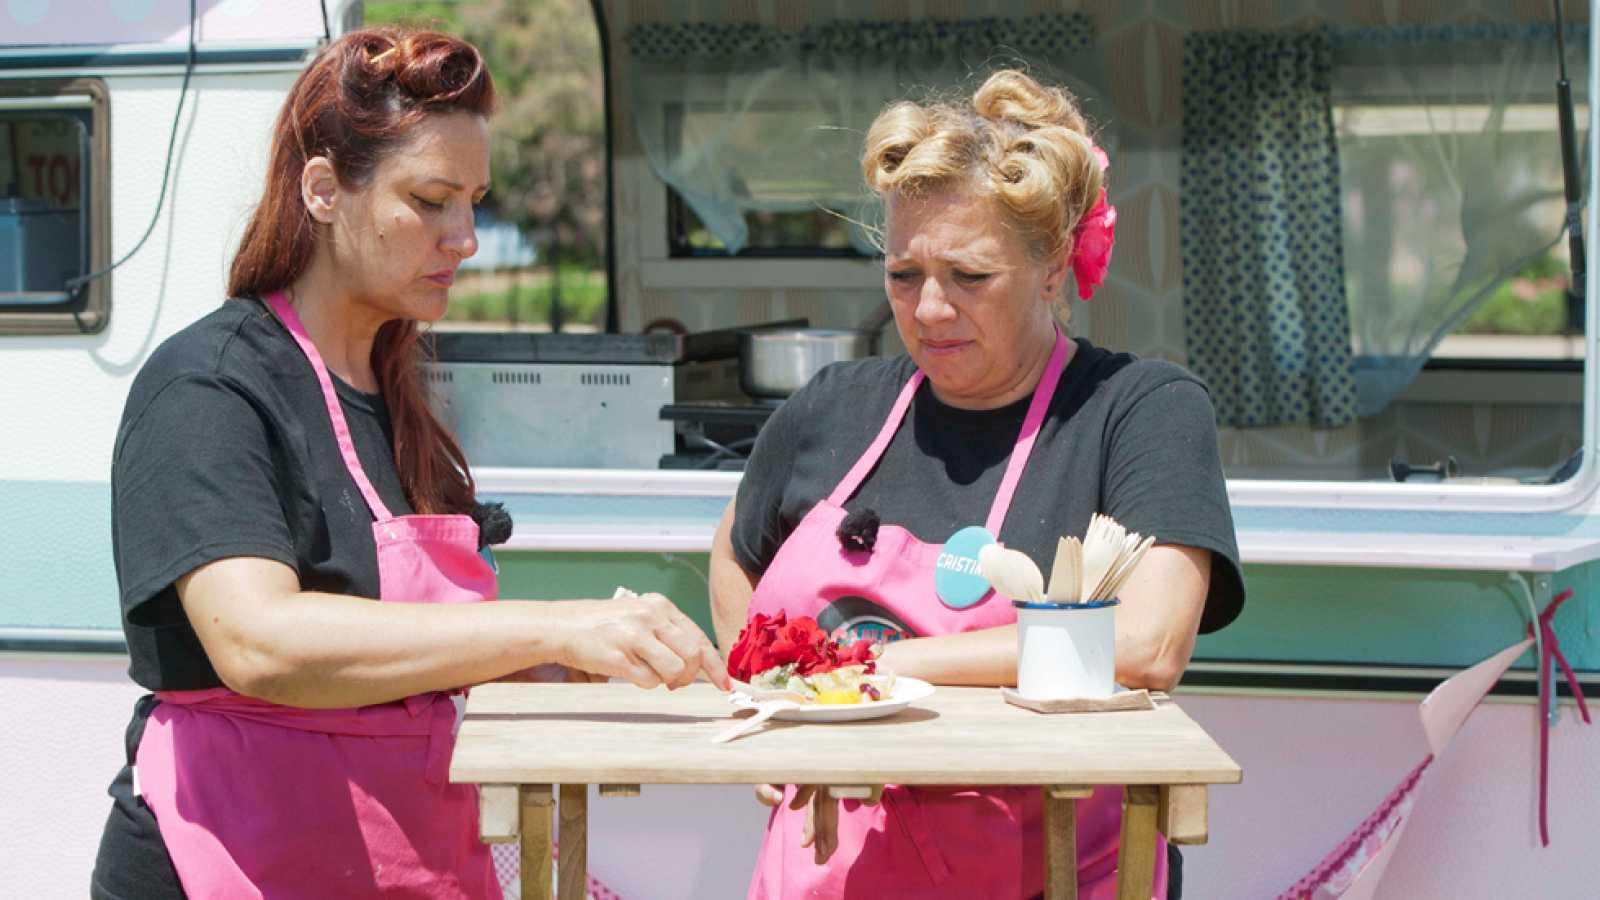 Cocineros al Volante - Xaro y Cristina, incapaces de cocinar sin discutir